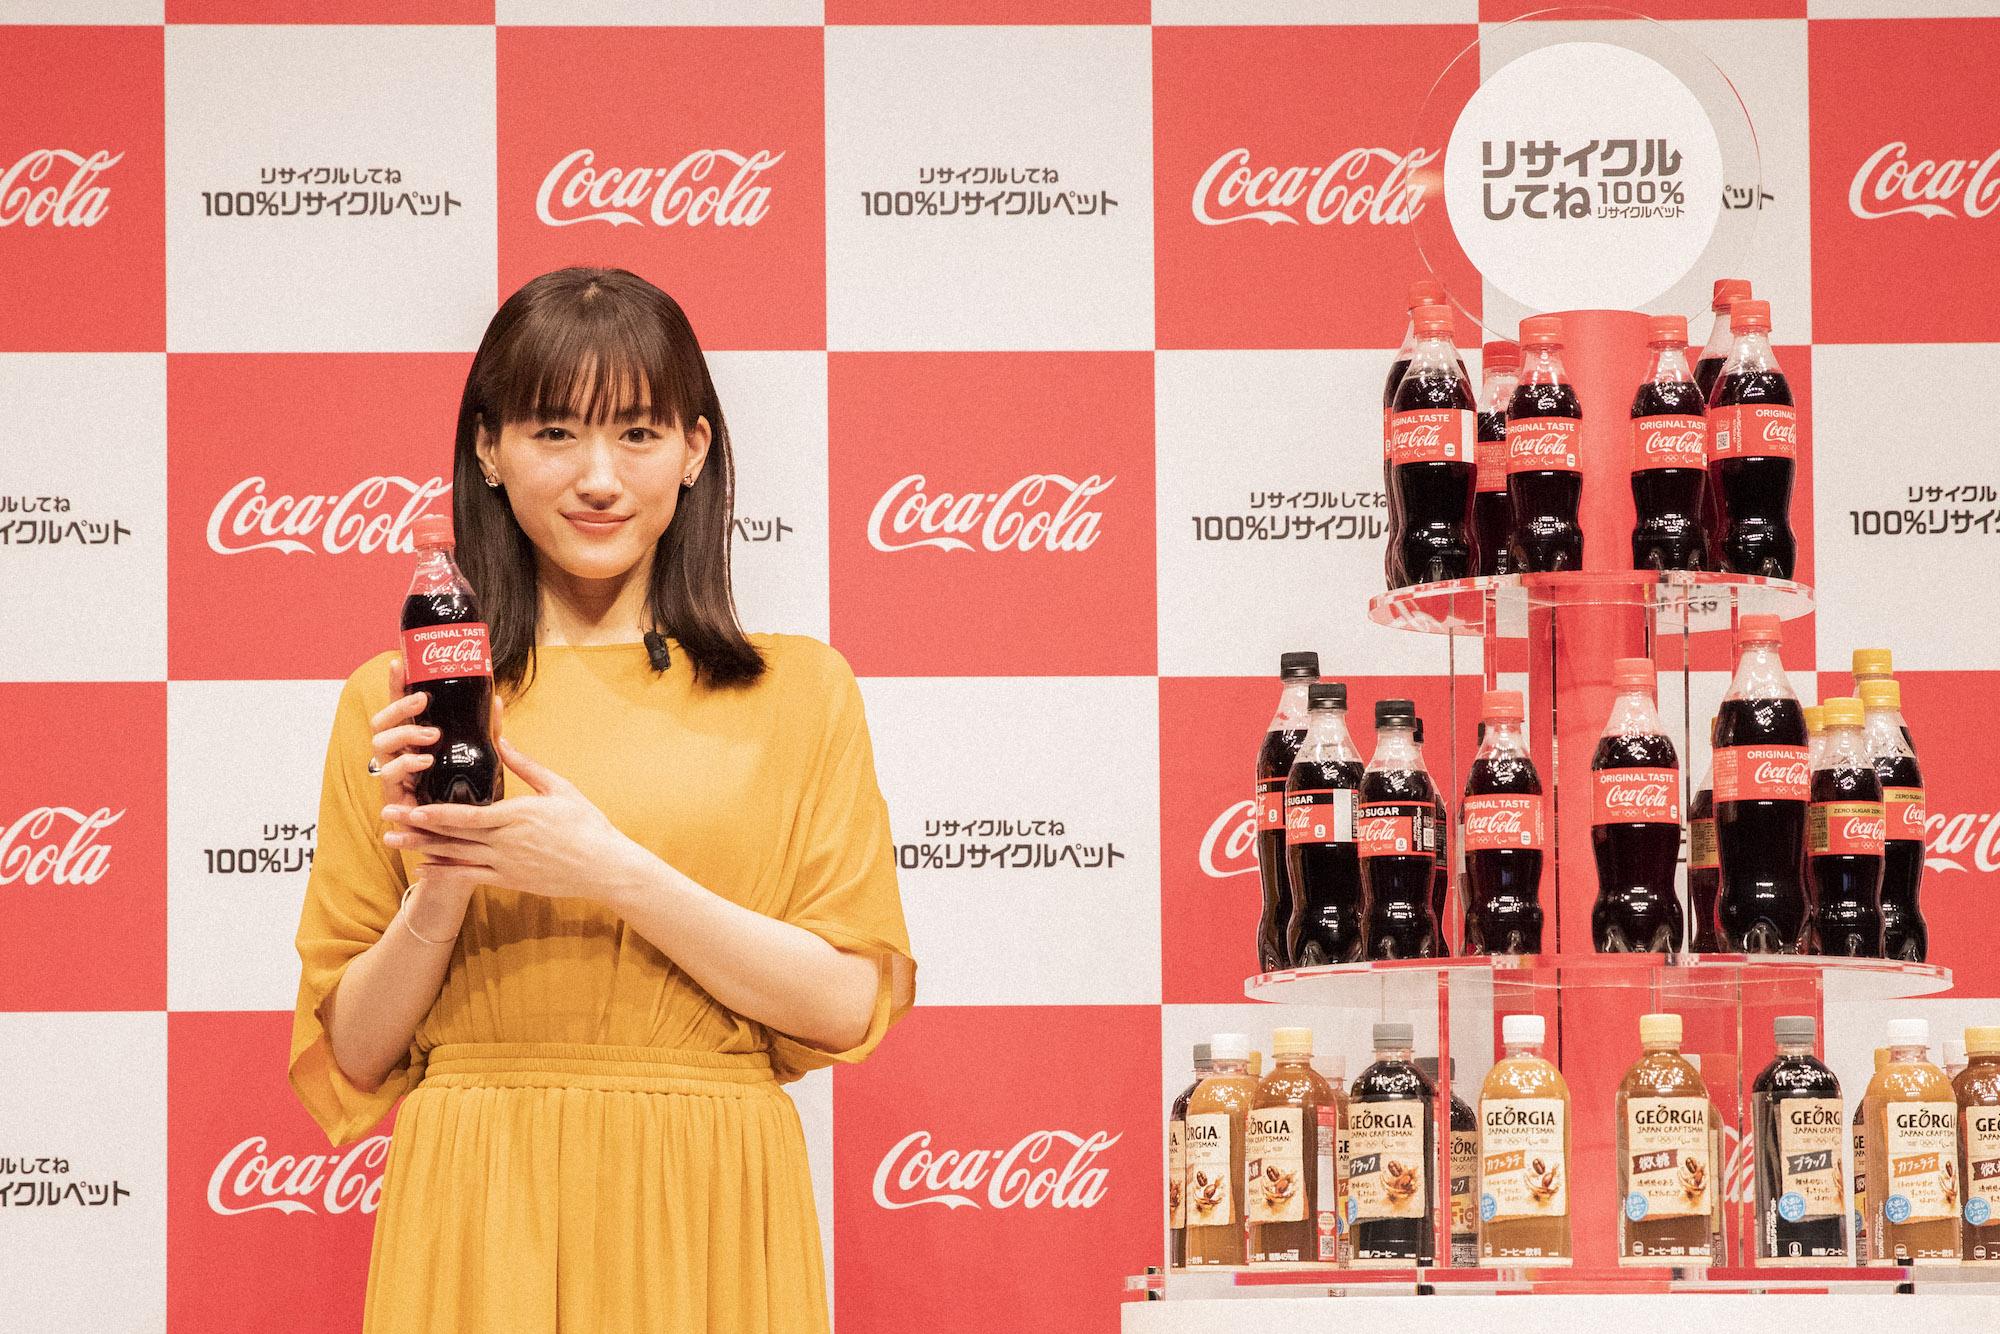 綾瀬はるか/2021年5月13日、日本コカ・コーラ サスティナビリティー戦略発表会にて